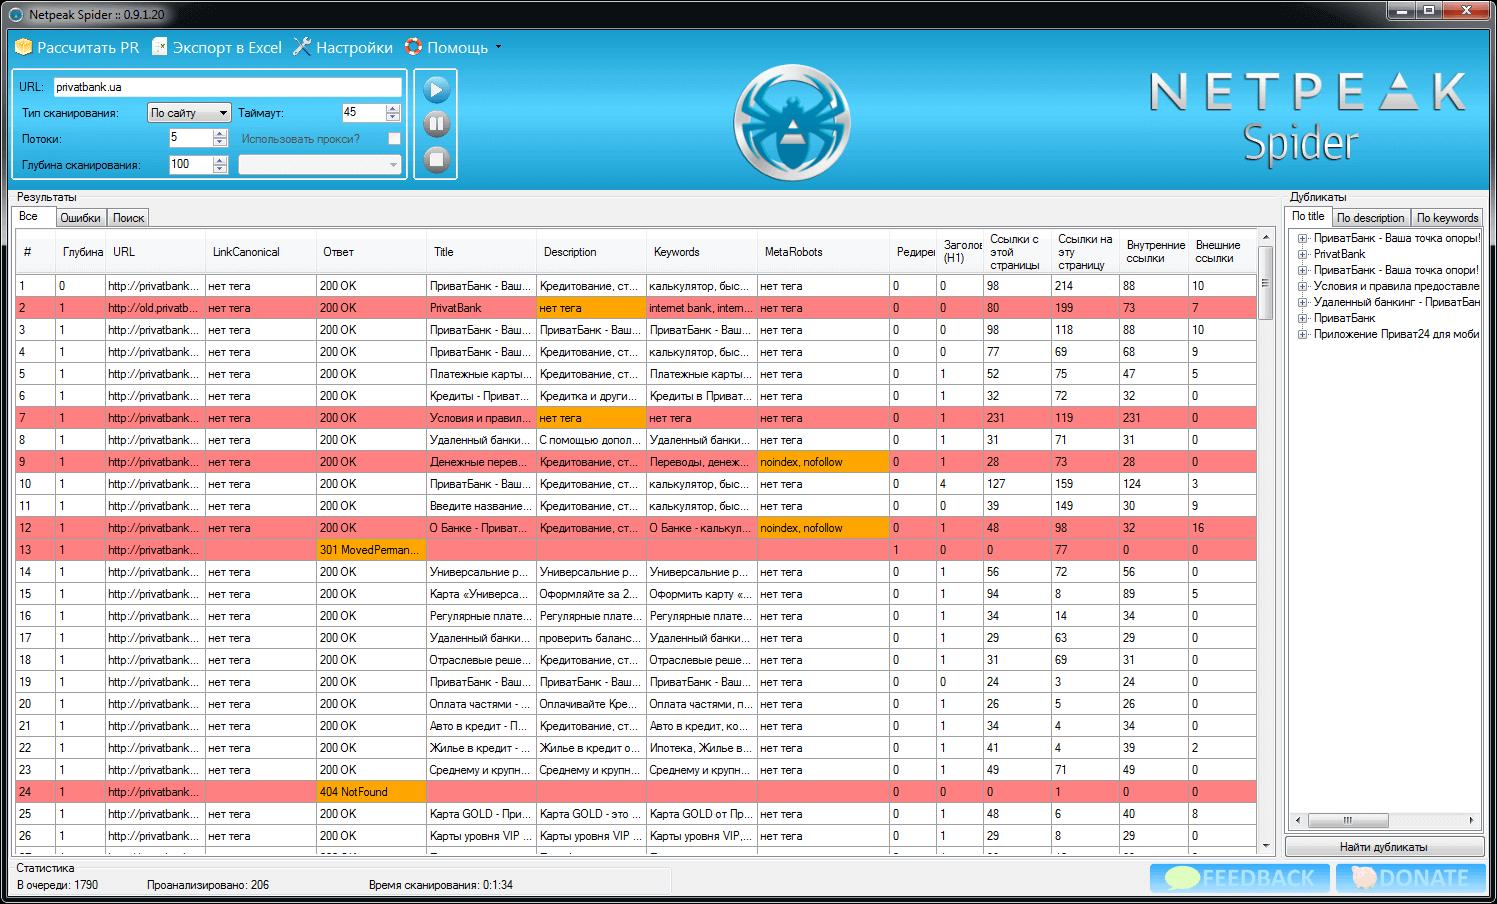 Версия Netpeak Spider 0.9